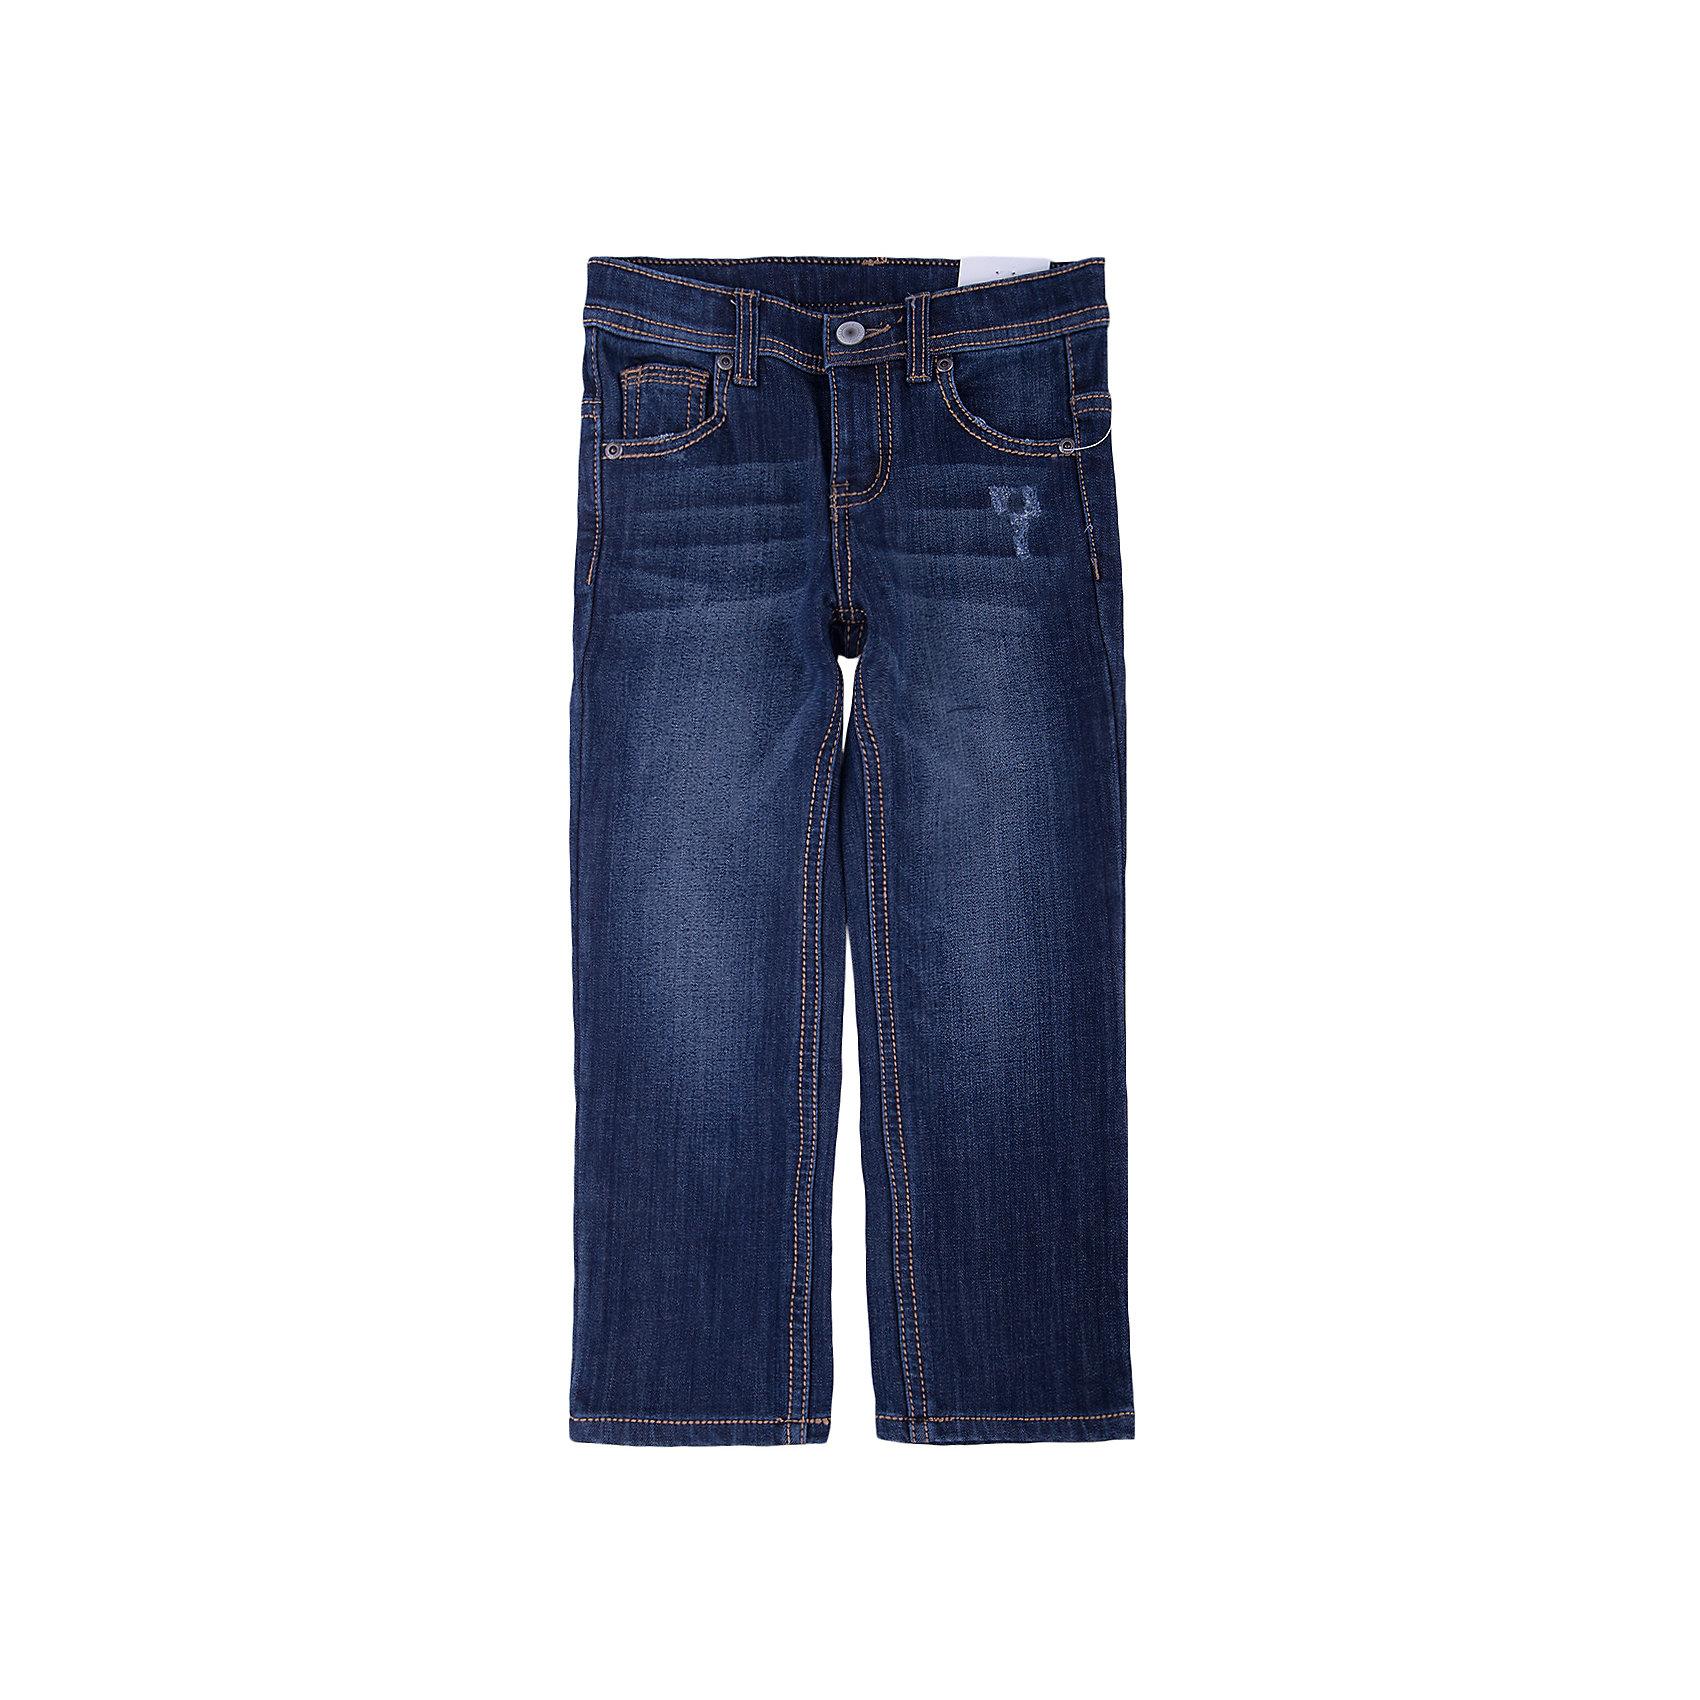 Джинсы для мальчика PlayTodayДжинсы<br>Джинсы для мальчика от известного бренда PlayToday.<br>Стильные джинсы с модными потертостями. Внутри утеплены уютным флисом. Застегиваются на молнию и пуговицу, есть шлевки для ремня. Классическая пятикарманка.<br>Состав:<br>62% хлопок, 23% вискоза, 13% полиэстер, 2% эластан<br><br>Ширина мм: 215<br>Глубина мм: 88<br>Высота мм: 191<br>Вес г: 336<br>Цвет: синий<br>Возраст от месяцев: 72<br>Возраст до месяцев: 84<br>Пол: Мужской<br>Возраст: Детский<br>Размер: 122,104,128,110,116,98<br>SKU: 4898278